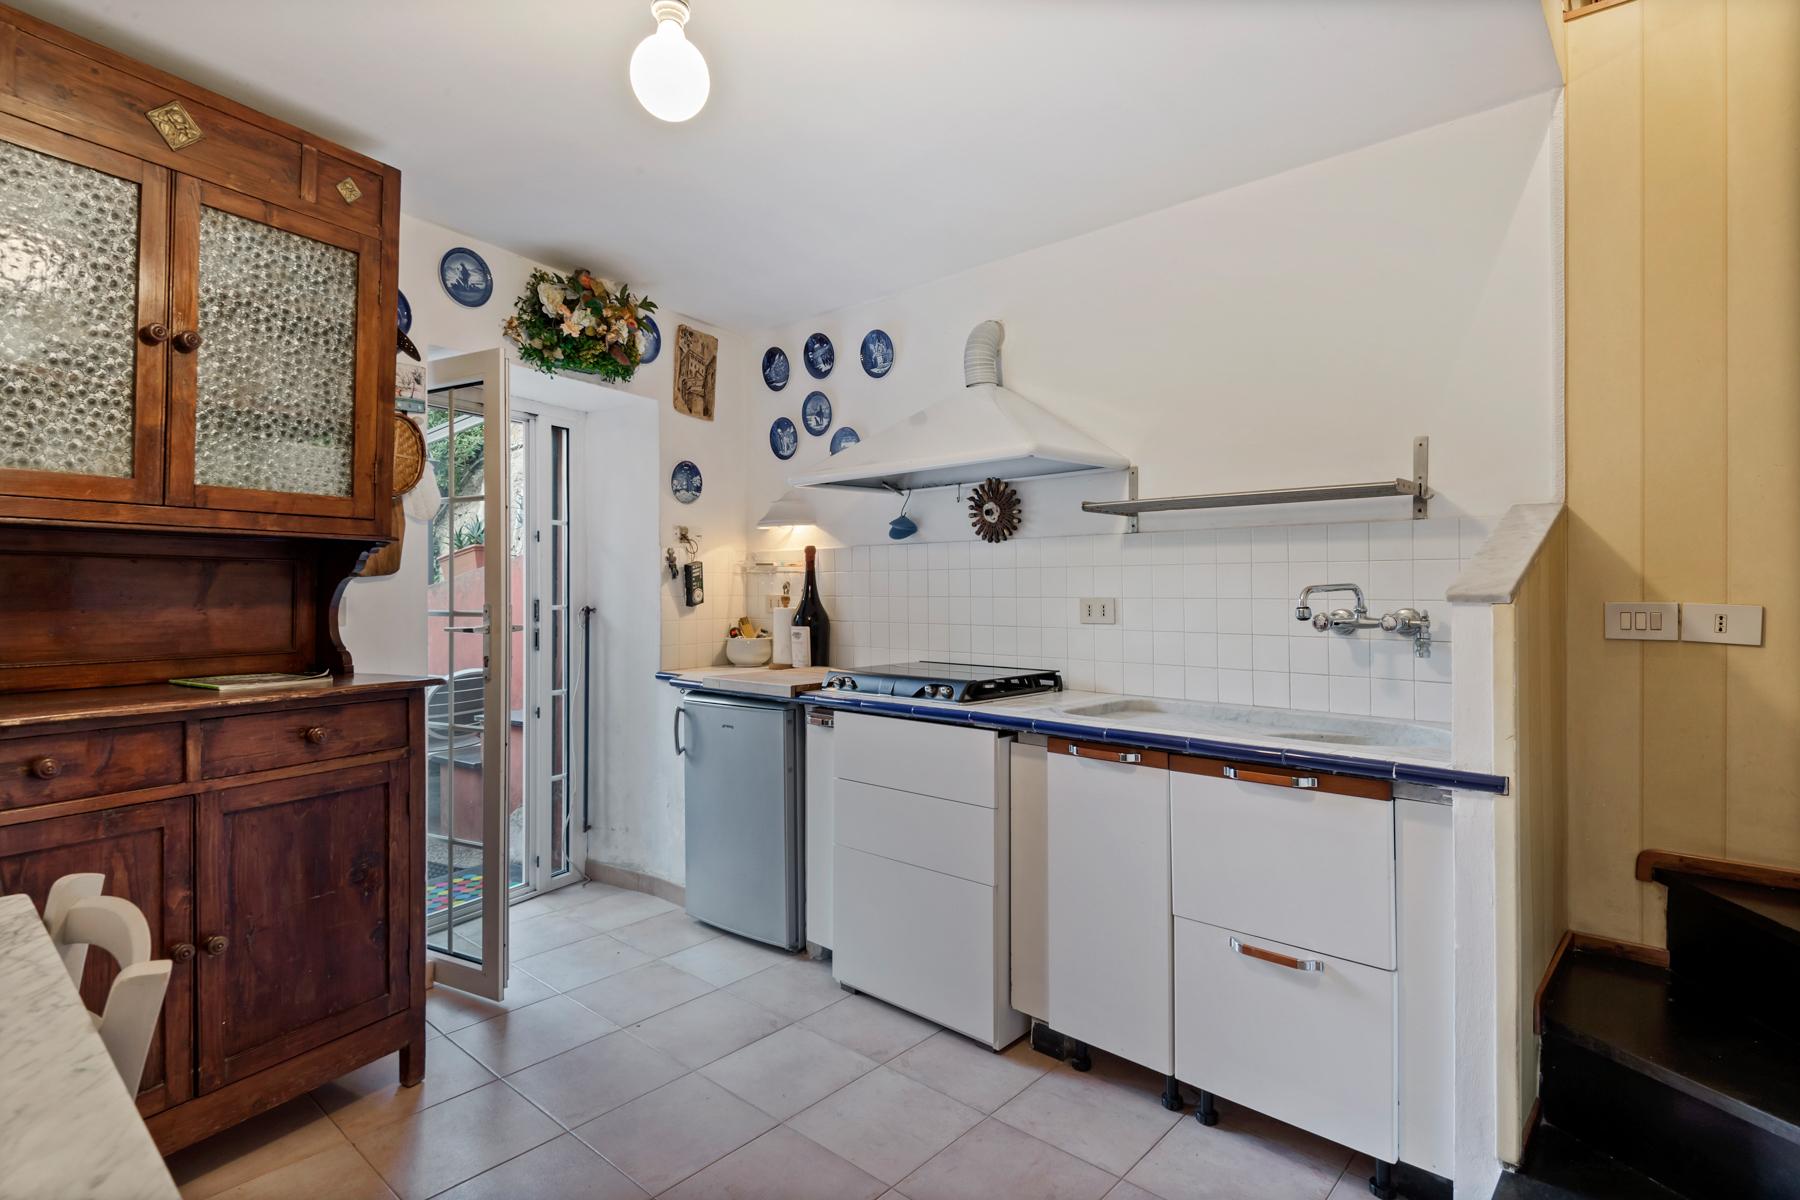 Casa indipendente in Vendita a Genova: 5 locali, 150 mq - Foto 20